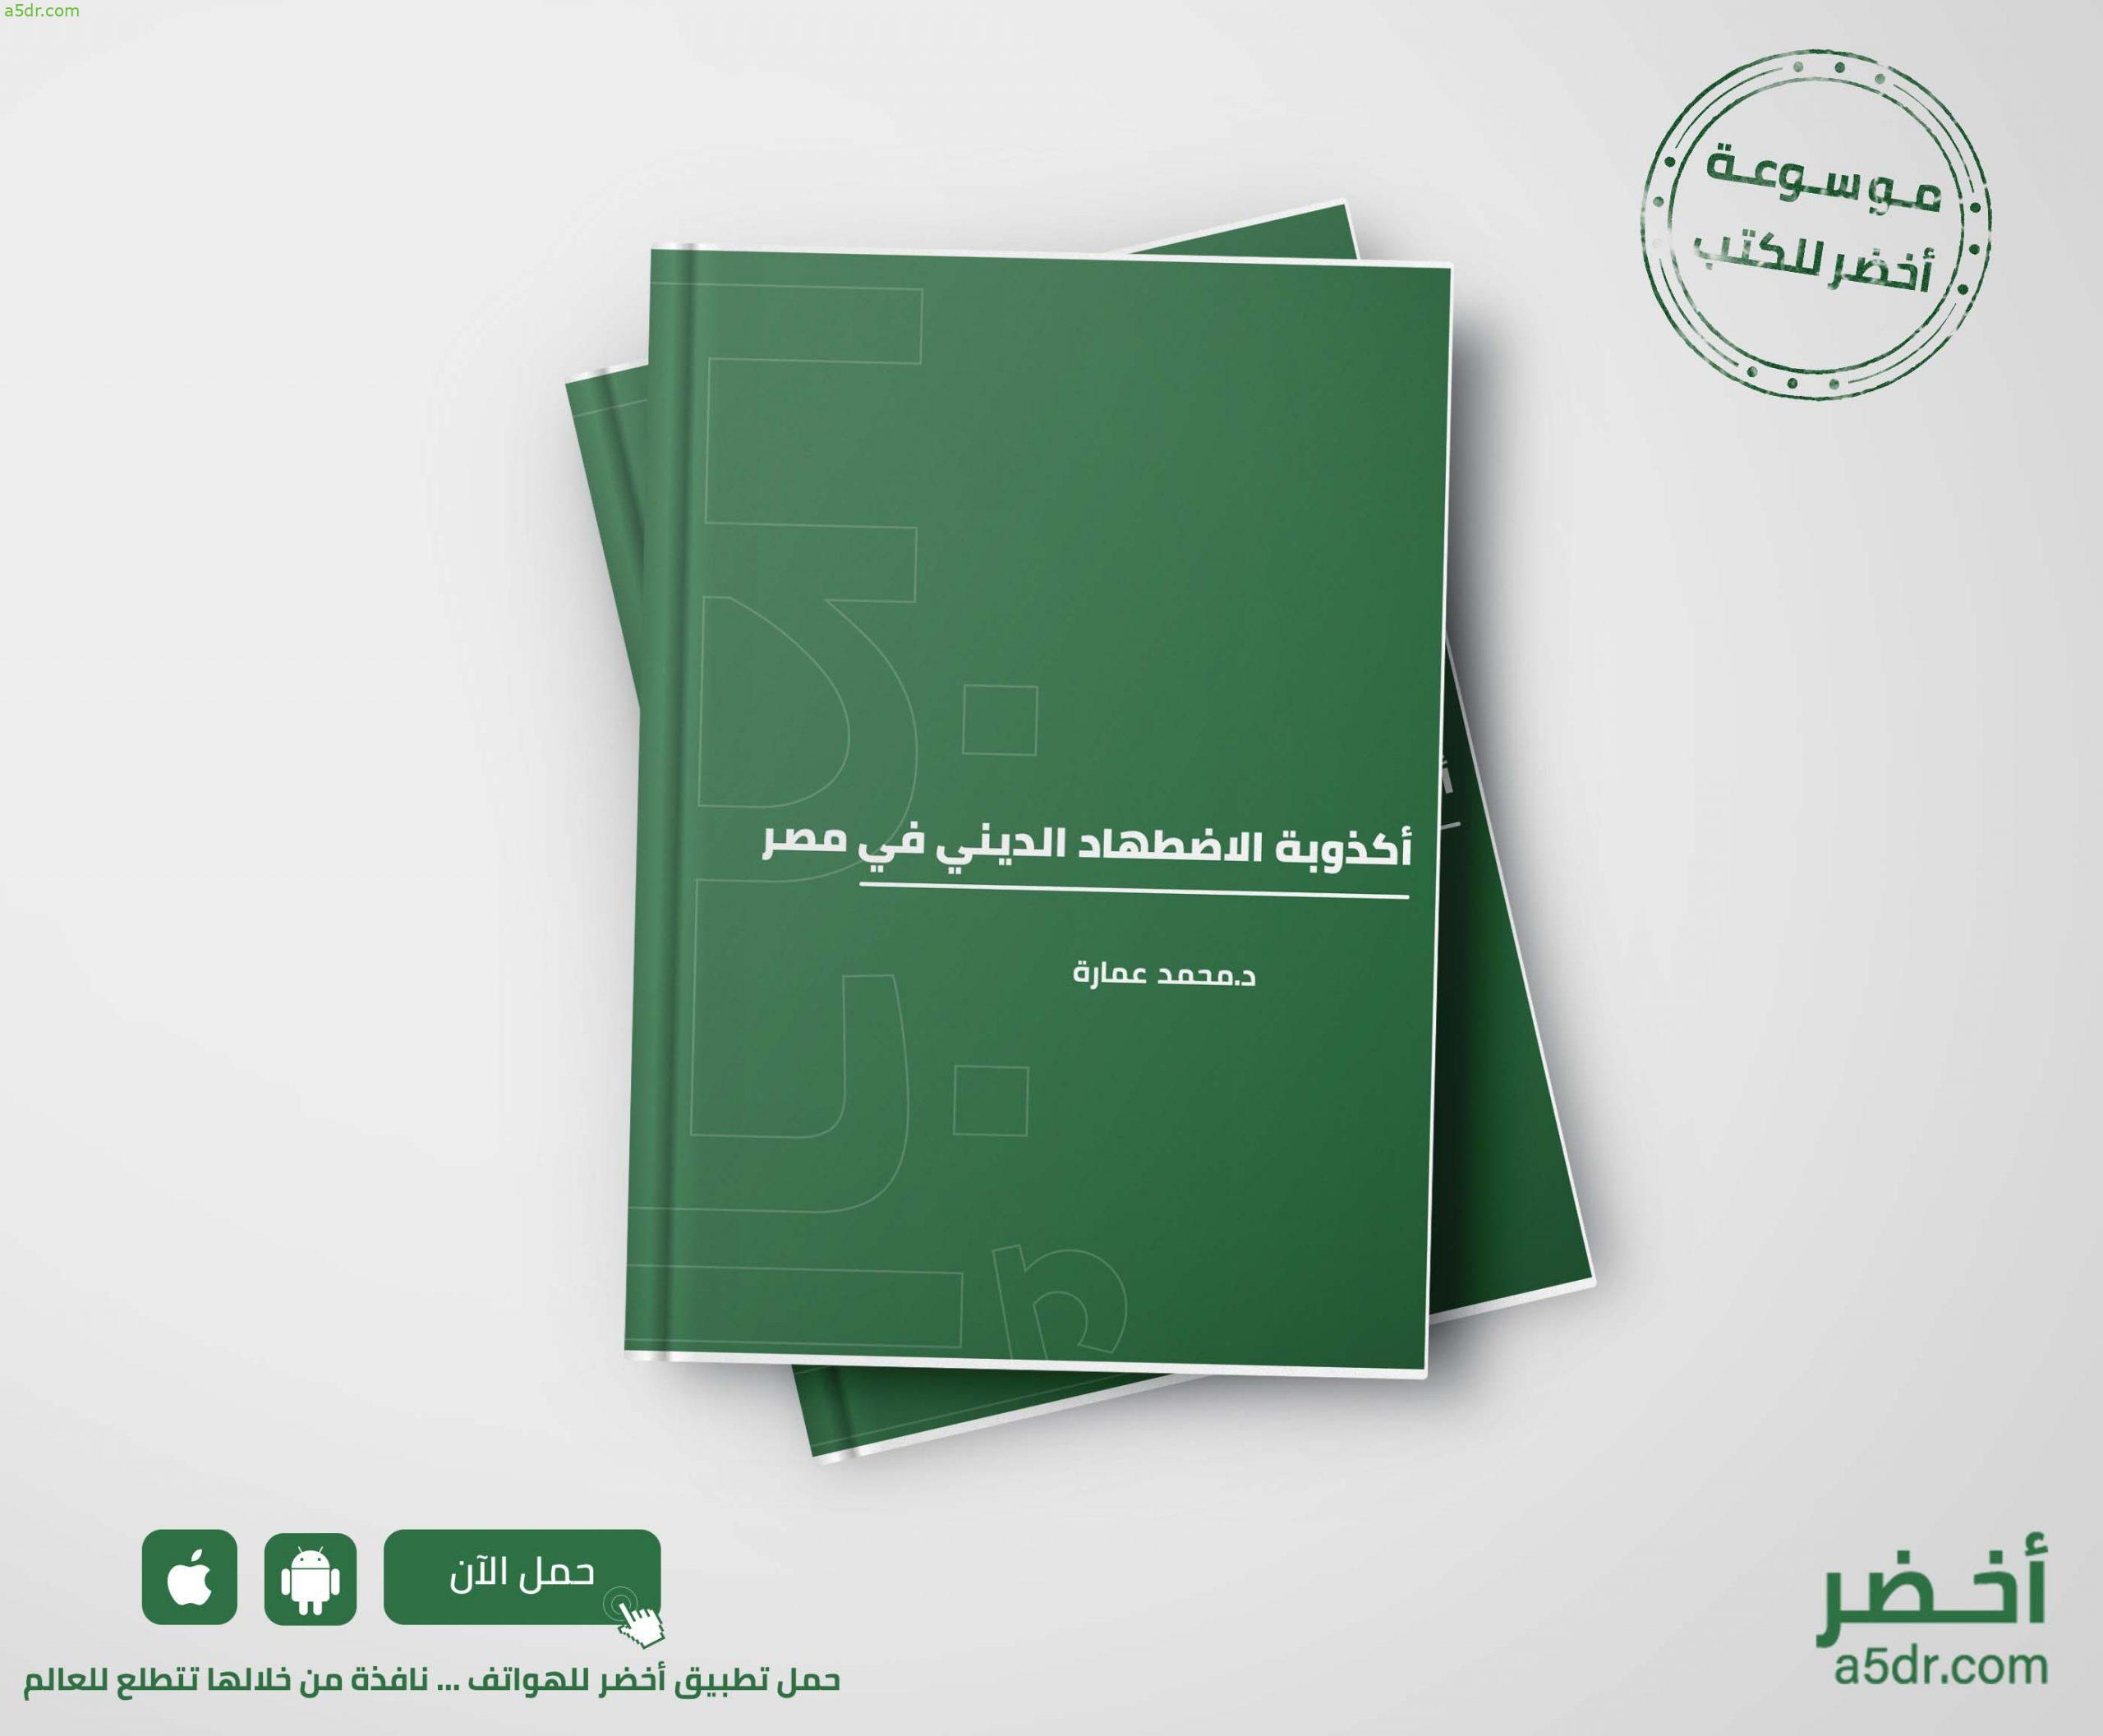 كتاب أكذوبة الاضطهاد الديني في مصر - محمد عمارة